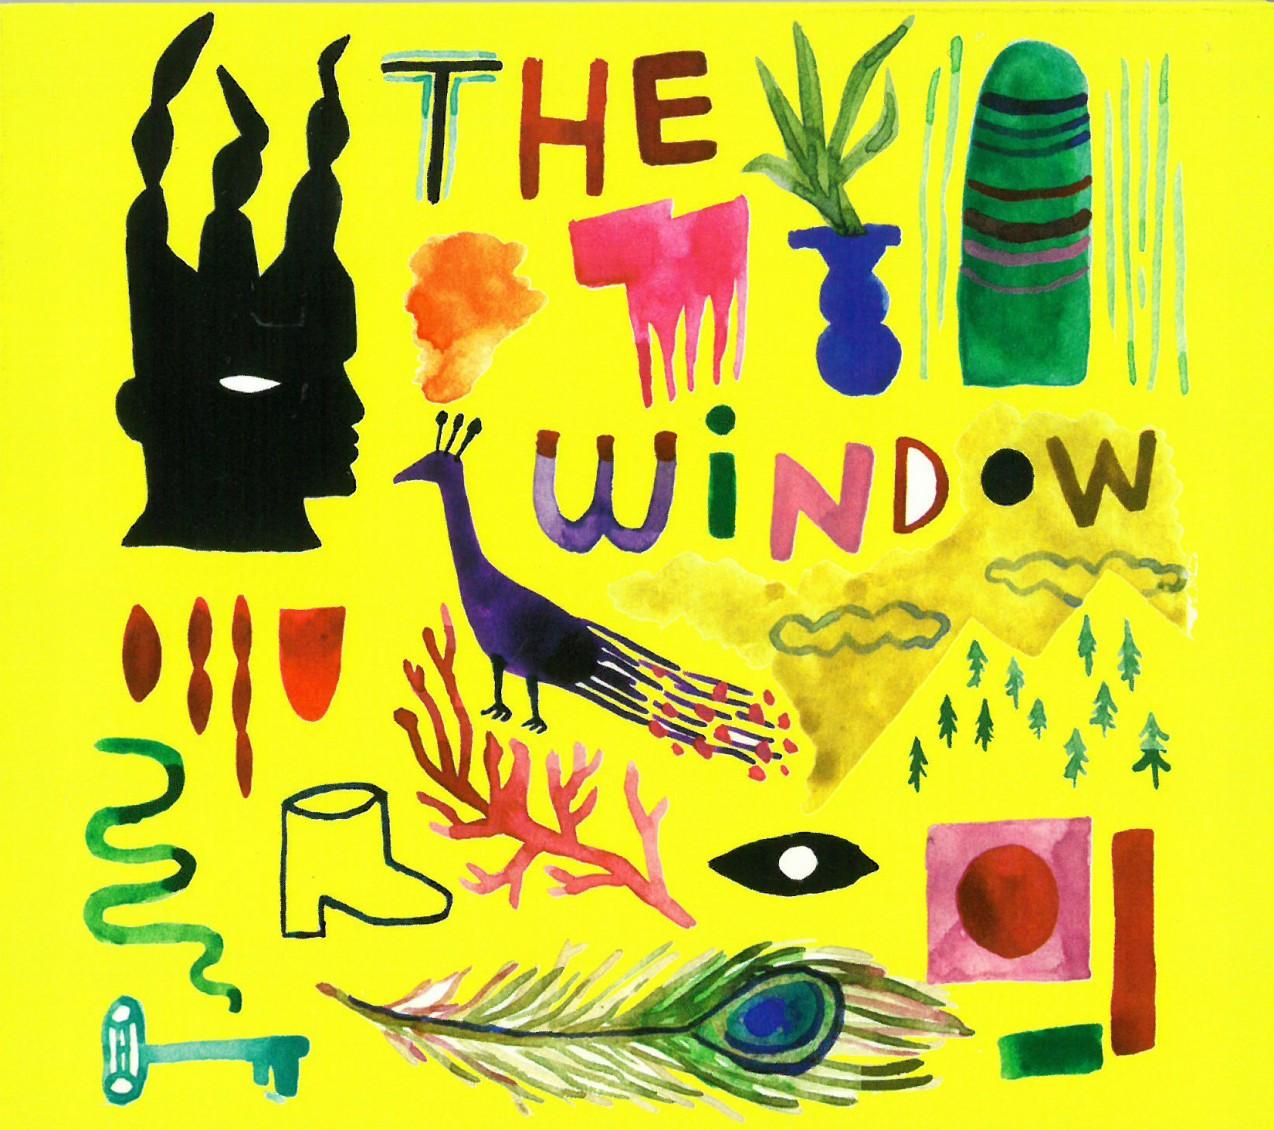 The Window Cécile Mclorin Salvant: The Window - Cécile McLorin Salvant